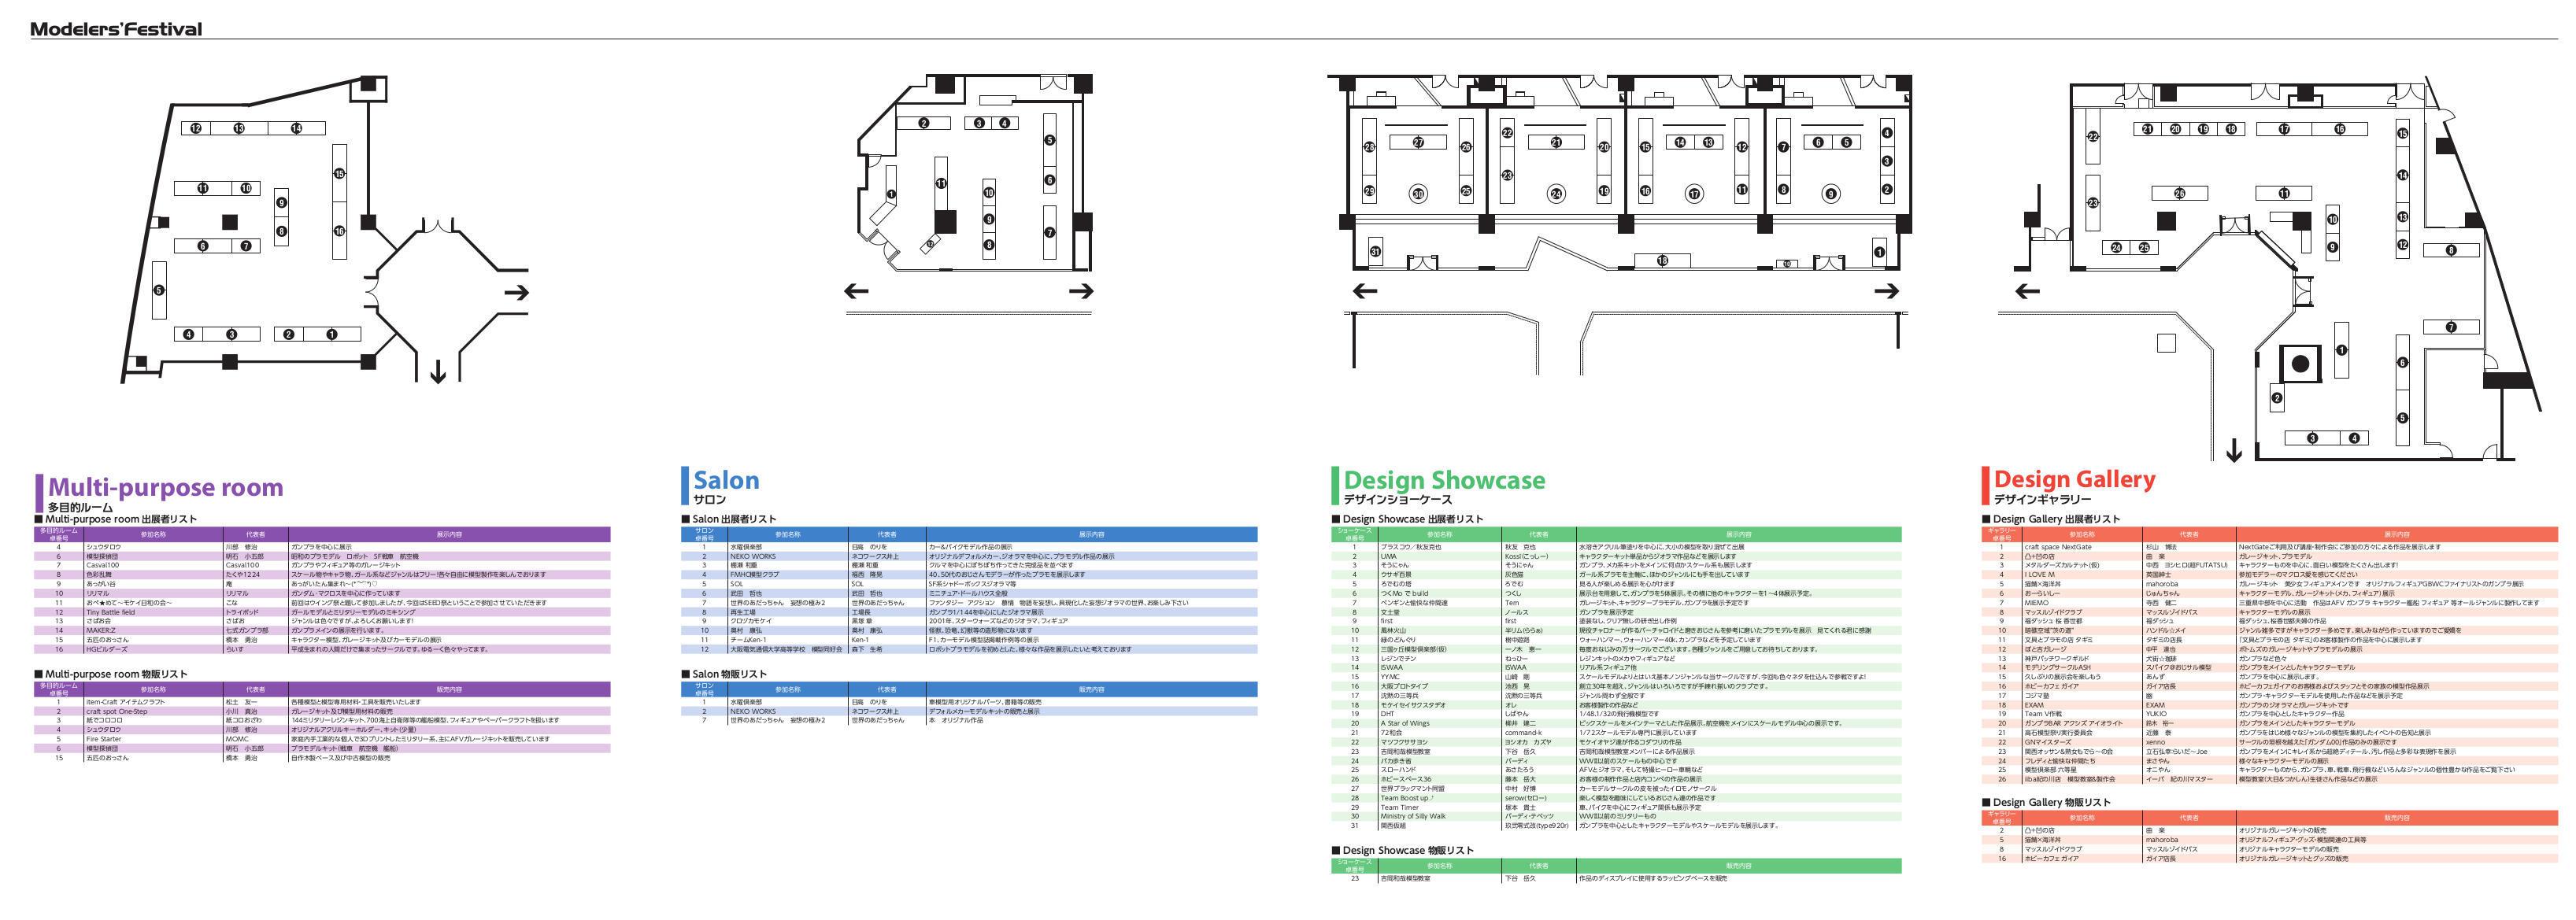 モデフェスパンフレット2021 レイアウト図0606